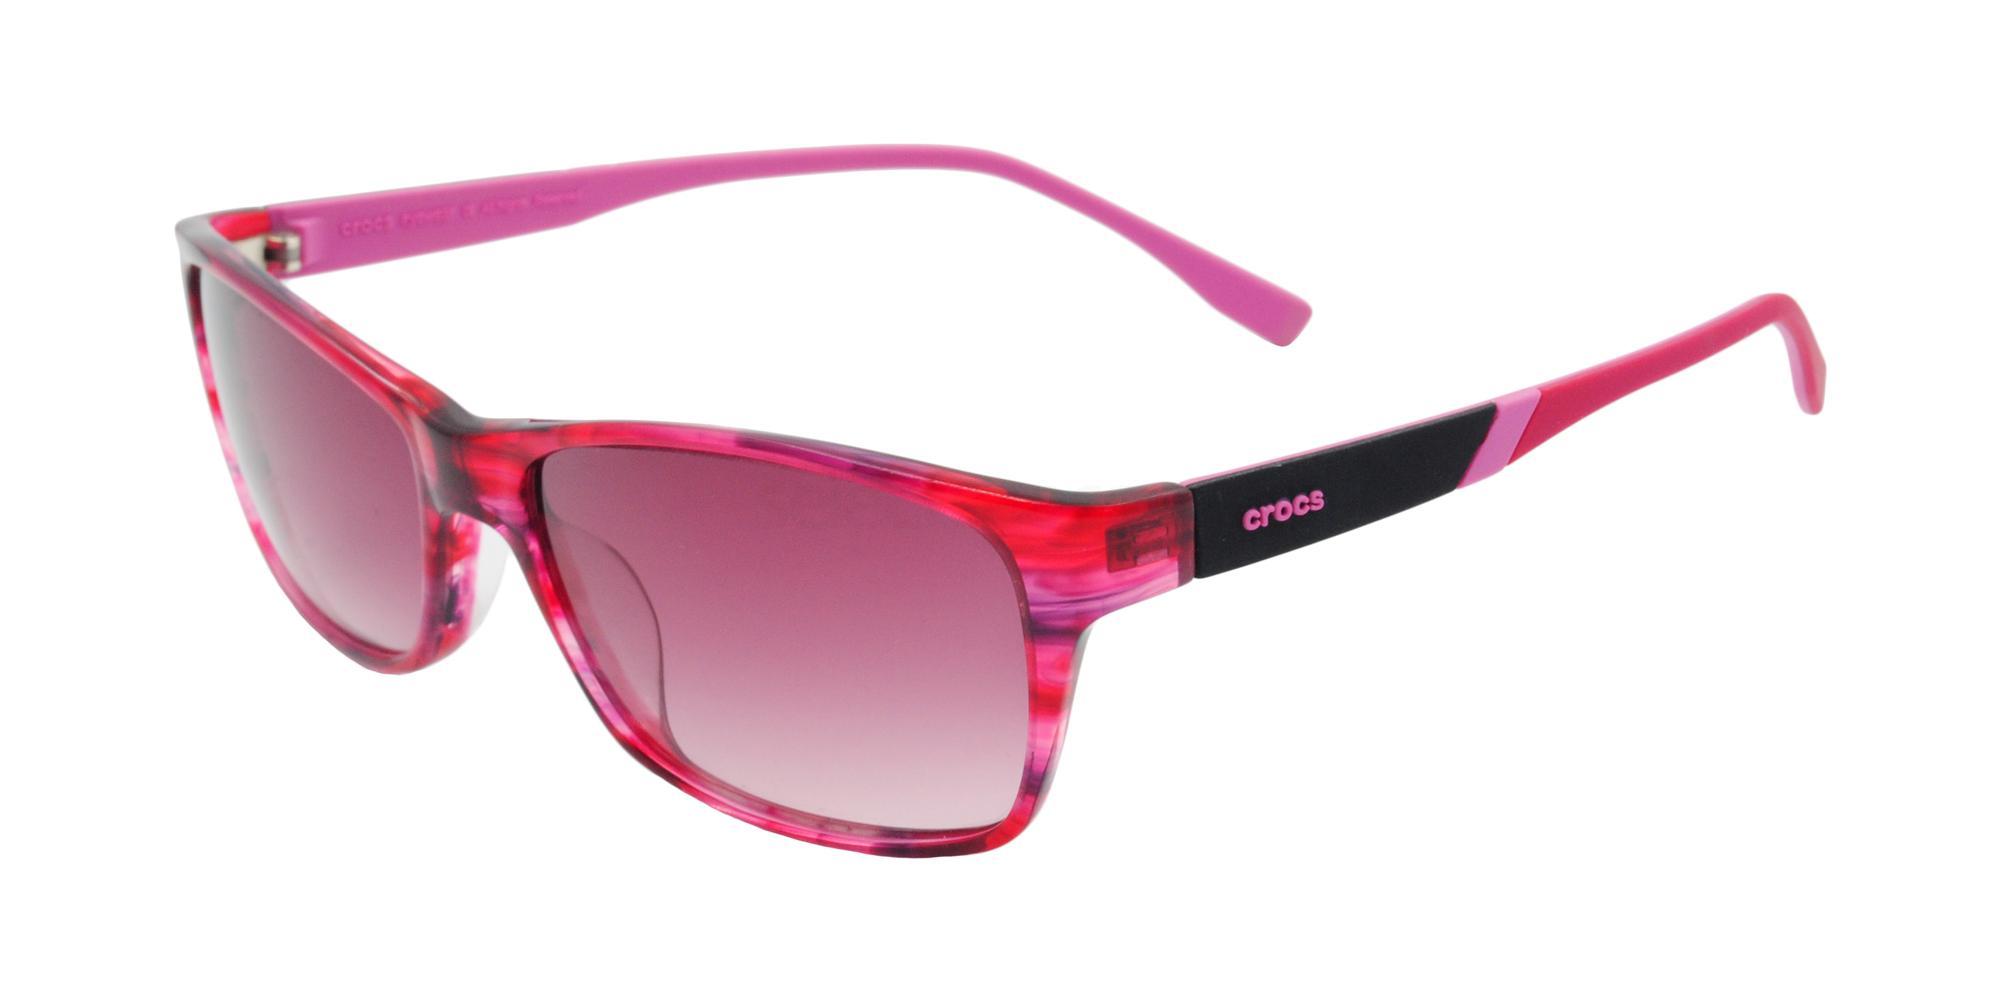 15PK CS4102 Sunglasses, Crocs Eyewear